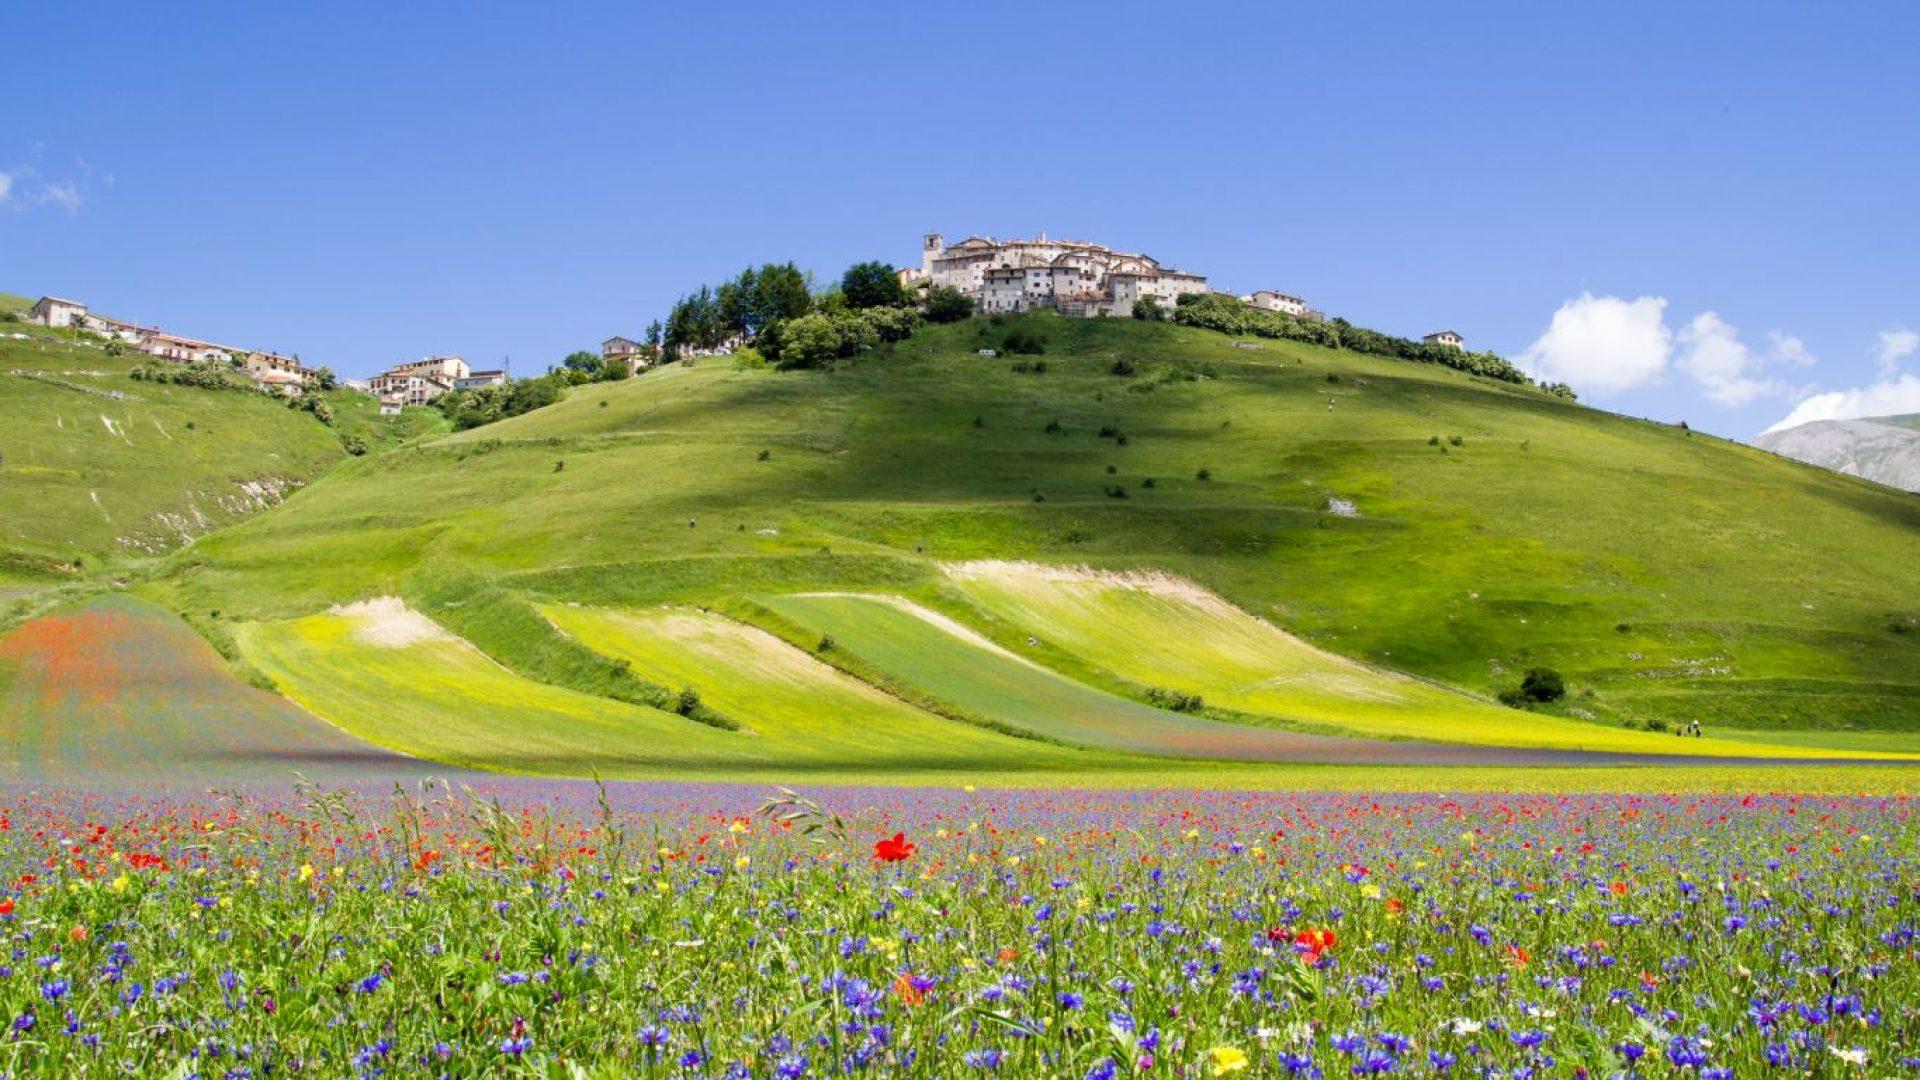 Parco nazionale dei Monti Sibillini - Villamena Resort Assisi